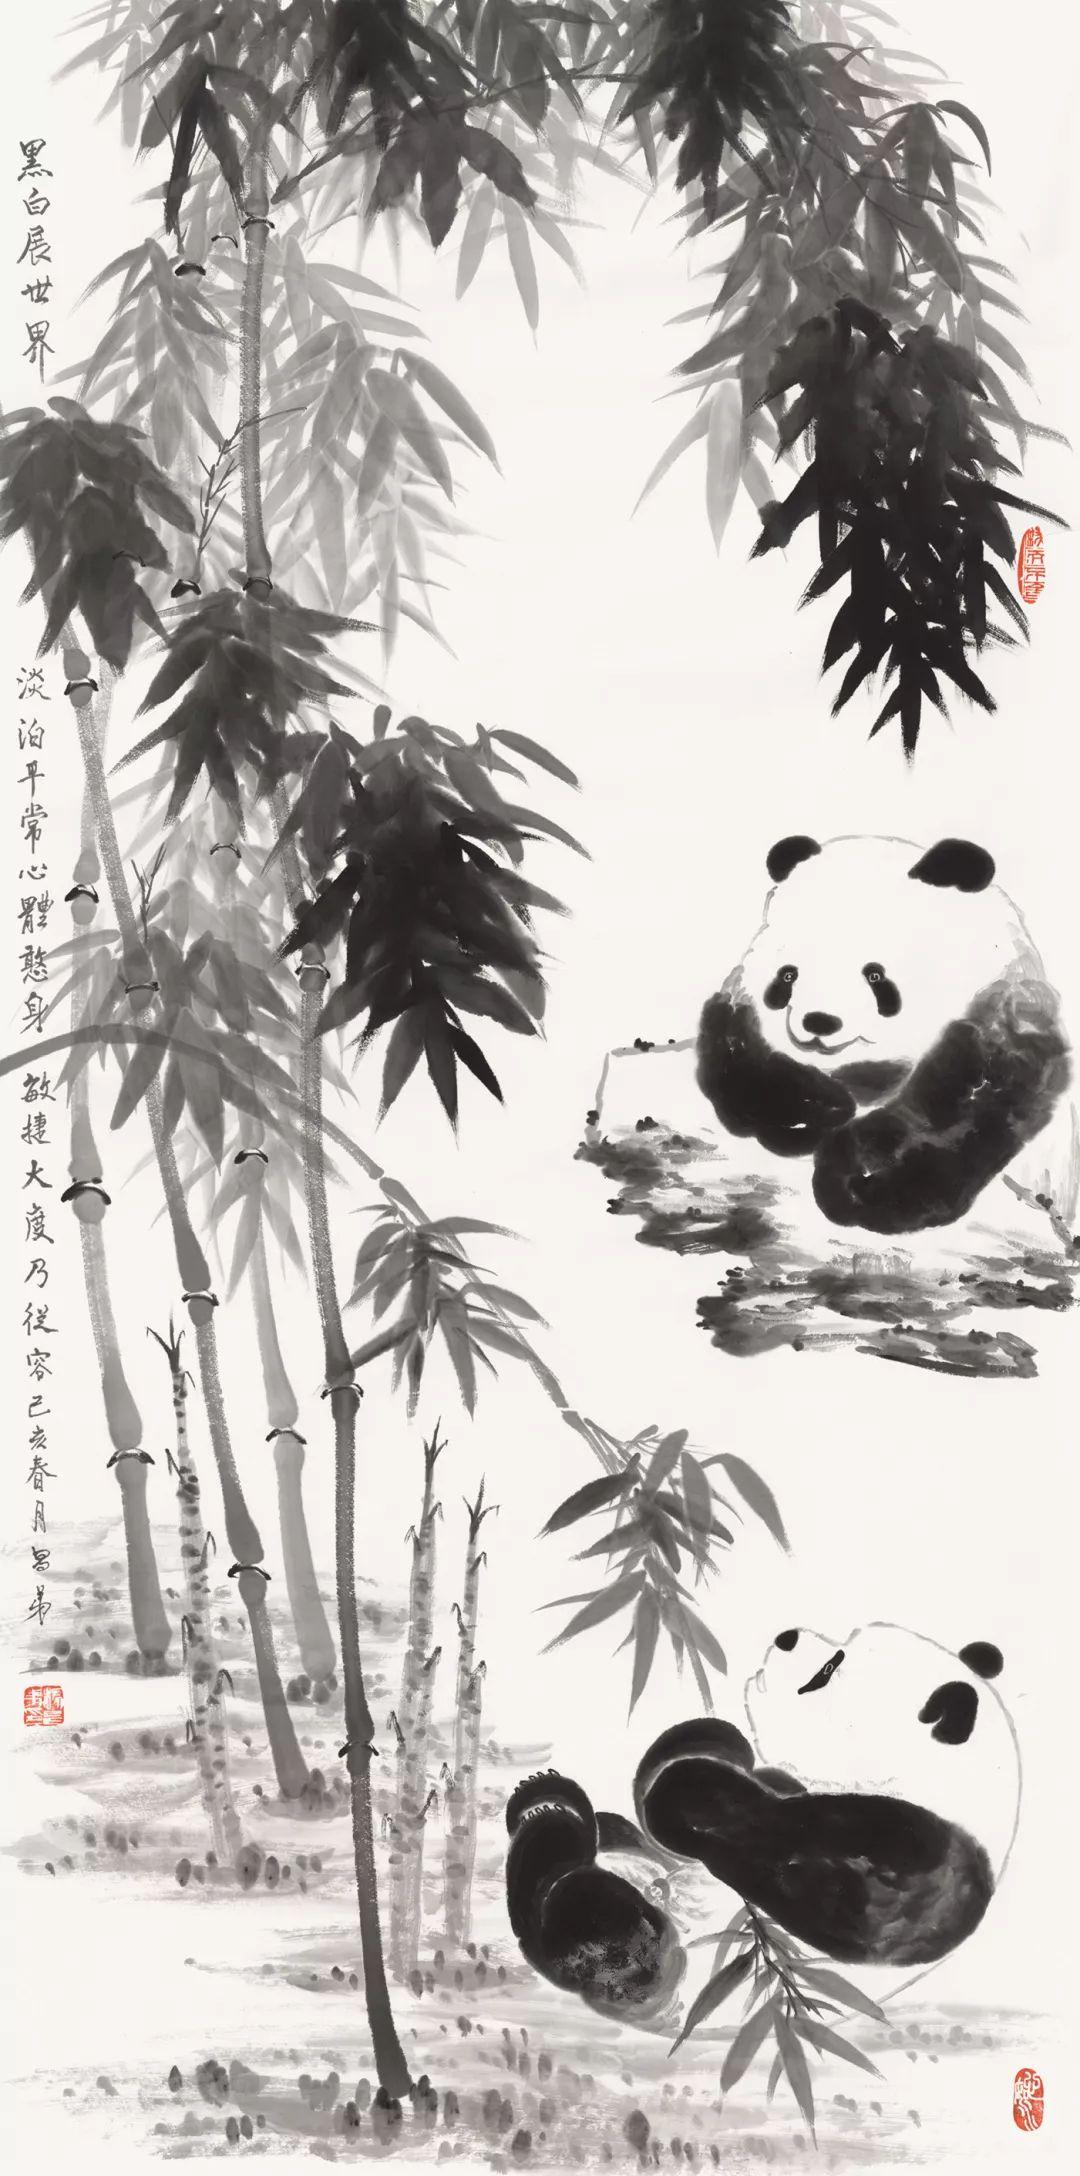 庆祝新中国成立70周年 我和我的祖国·国花国宝颂国庆绘画展